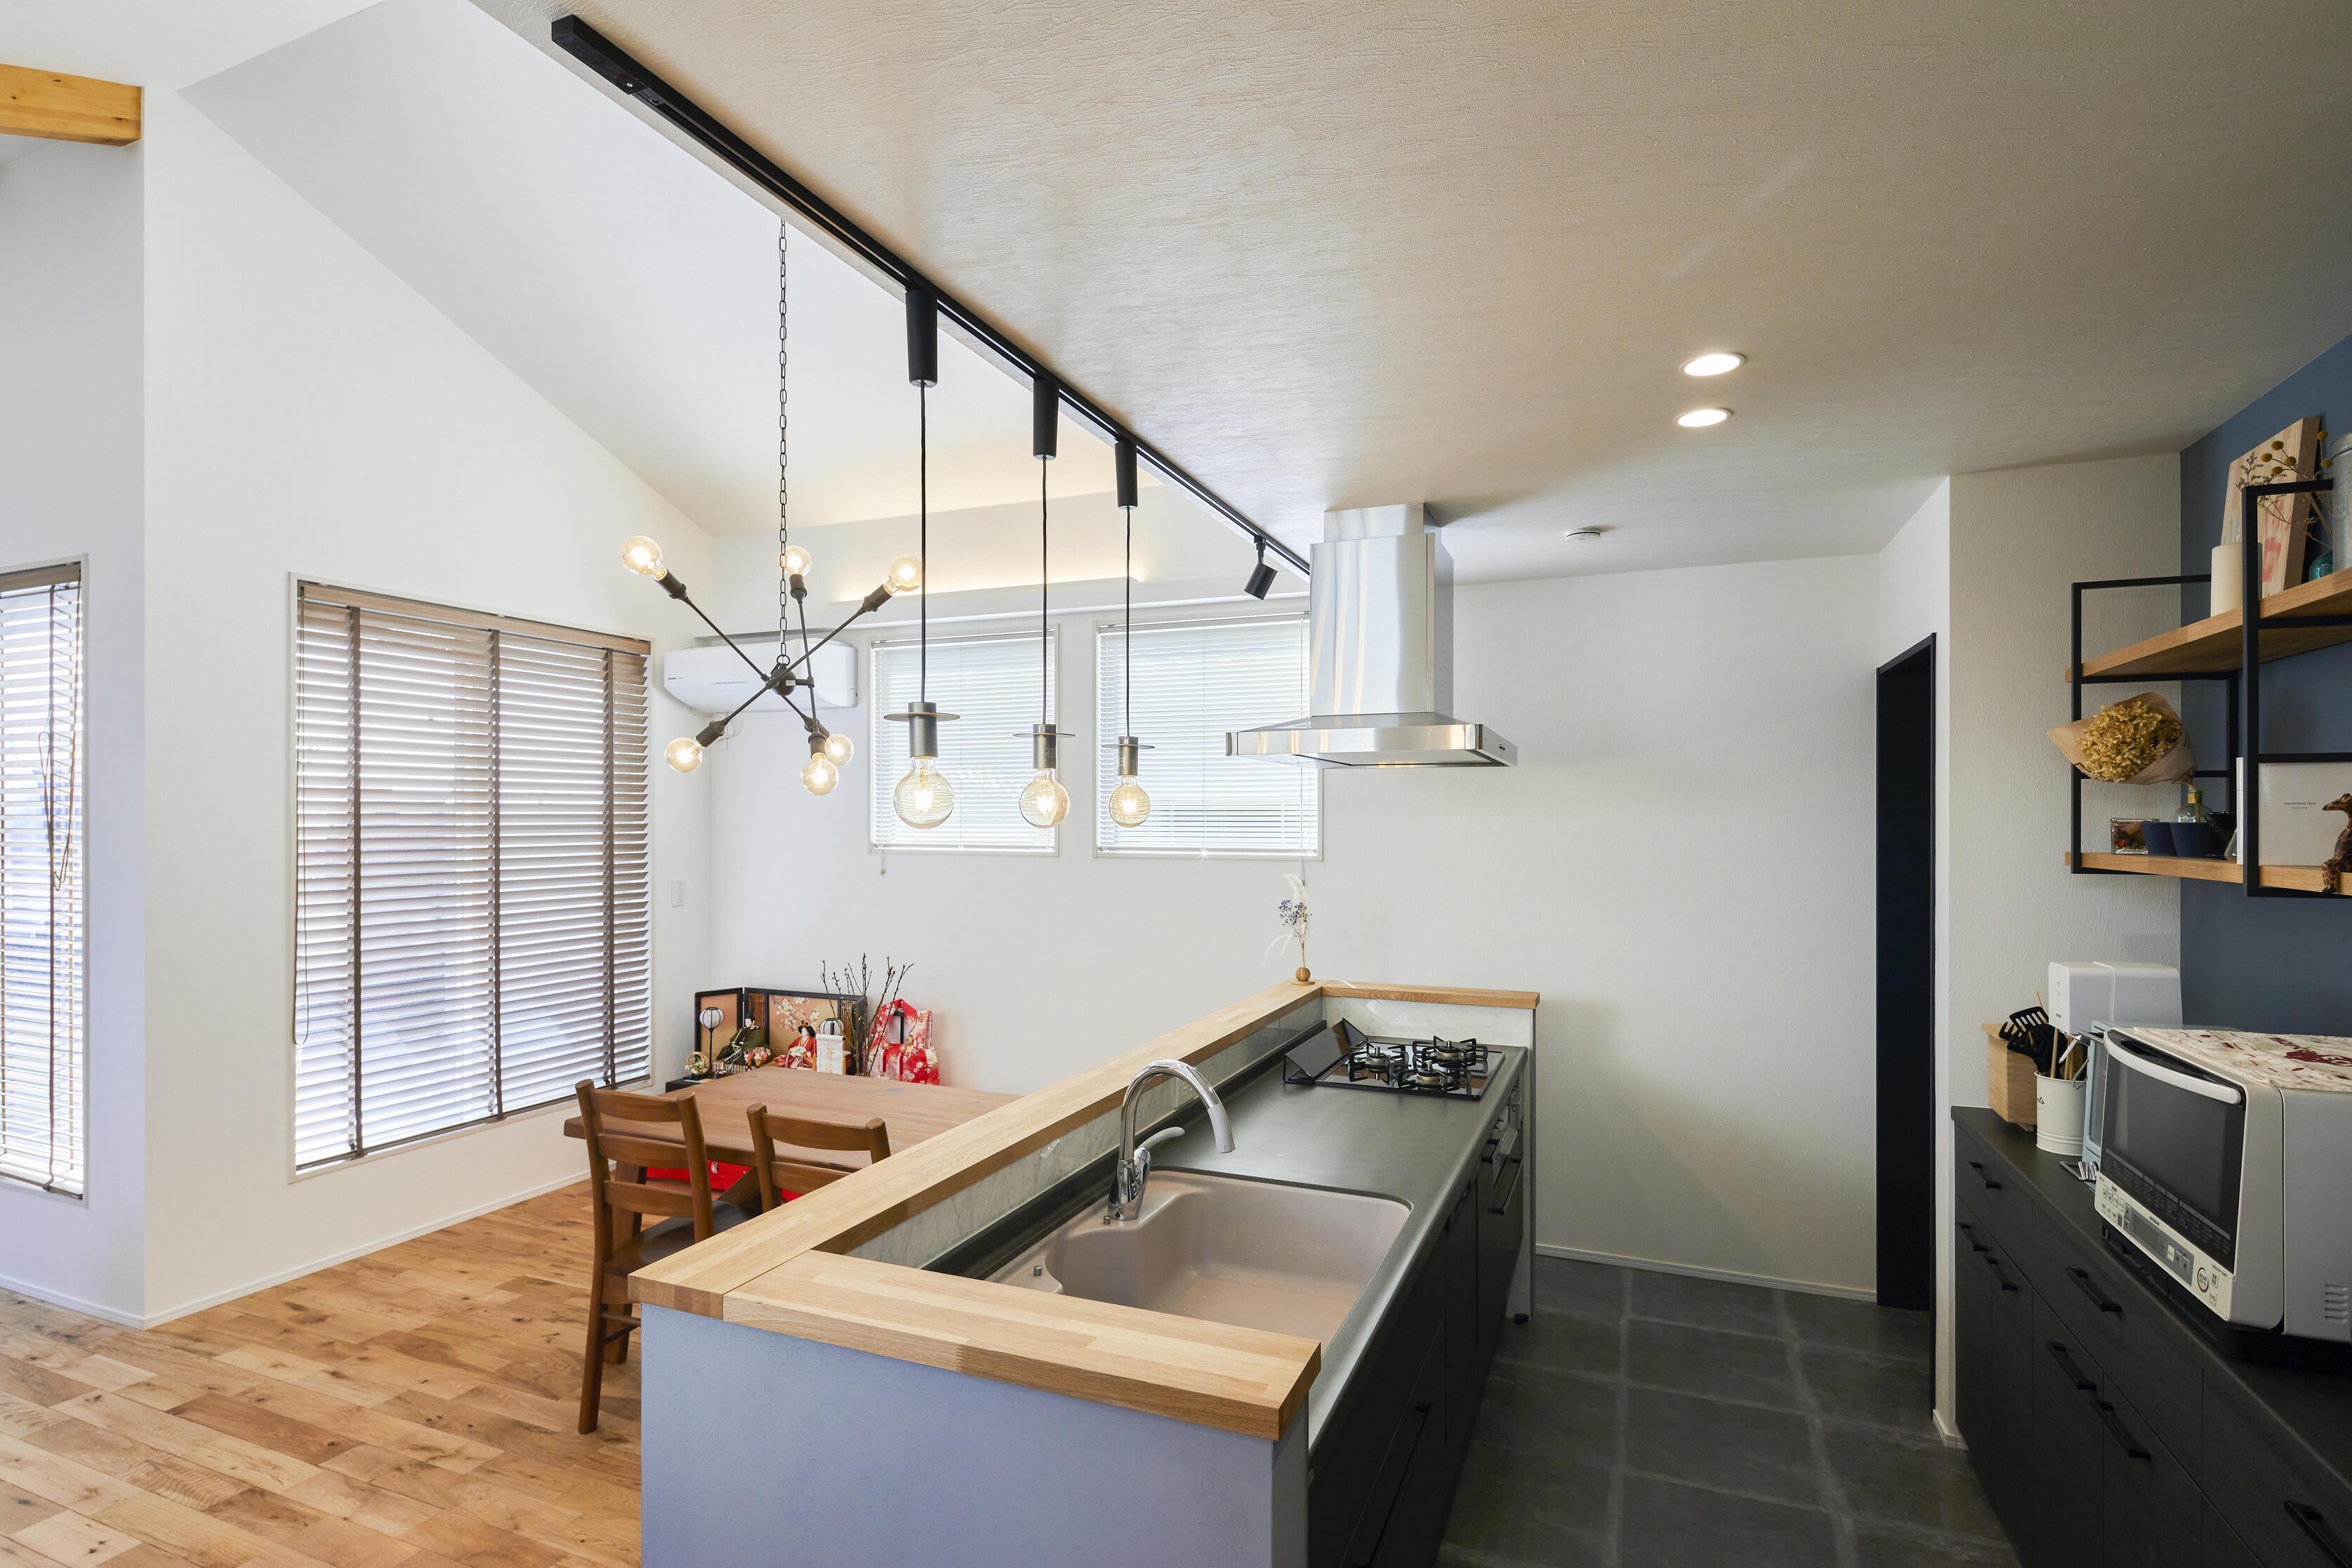 照明のシリーズを揃えることにより、統一感を出したキッチン